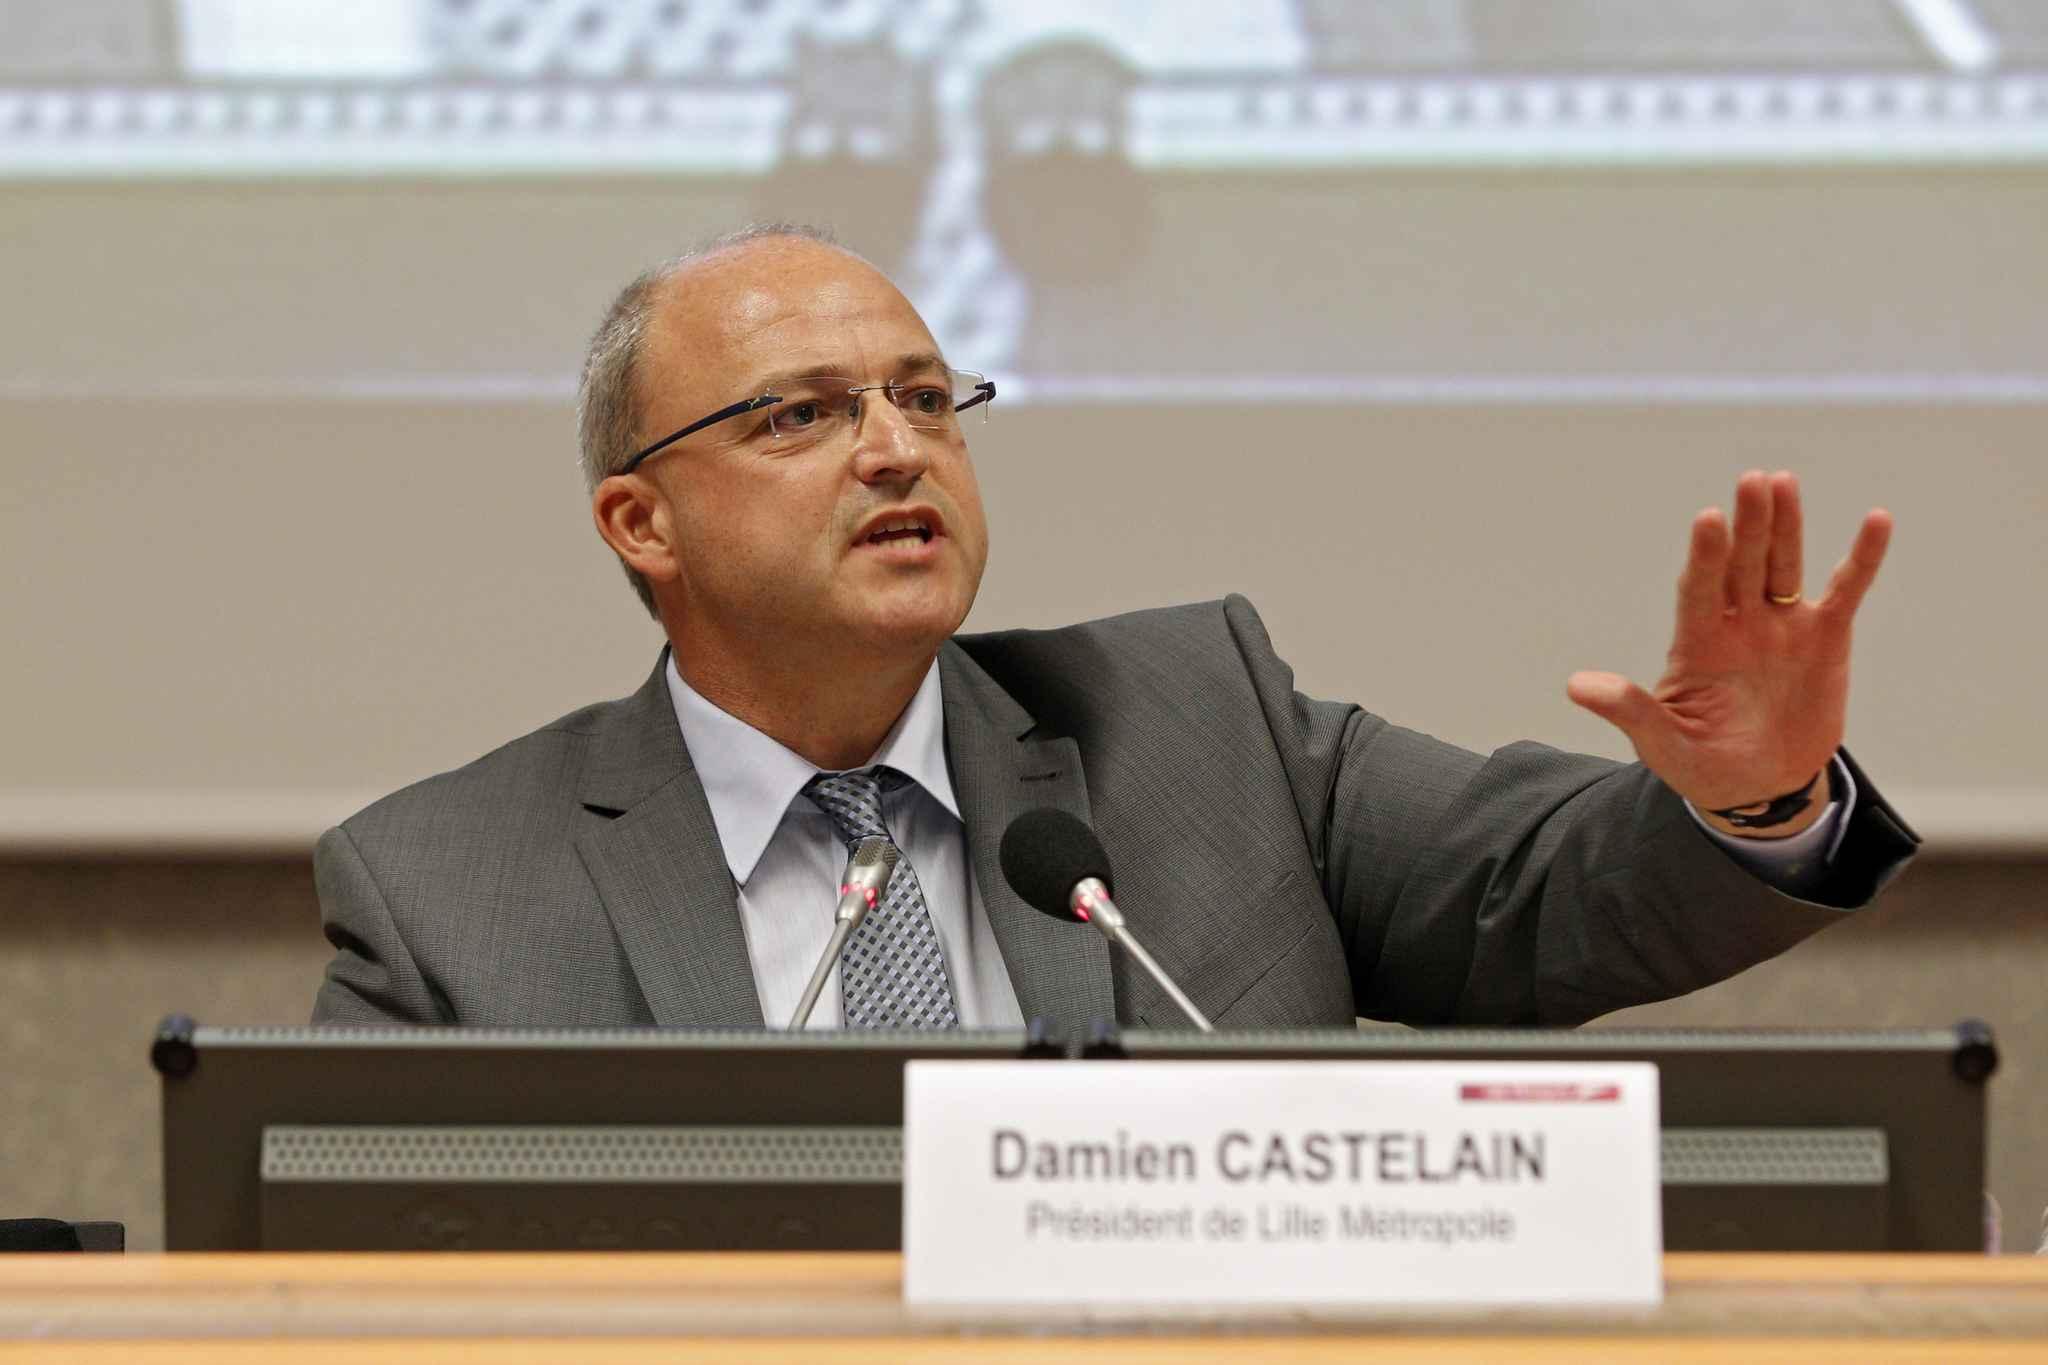 Le président de la métropole européenne de Lille mis en examen